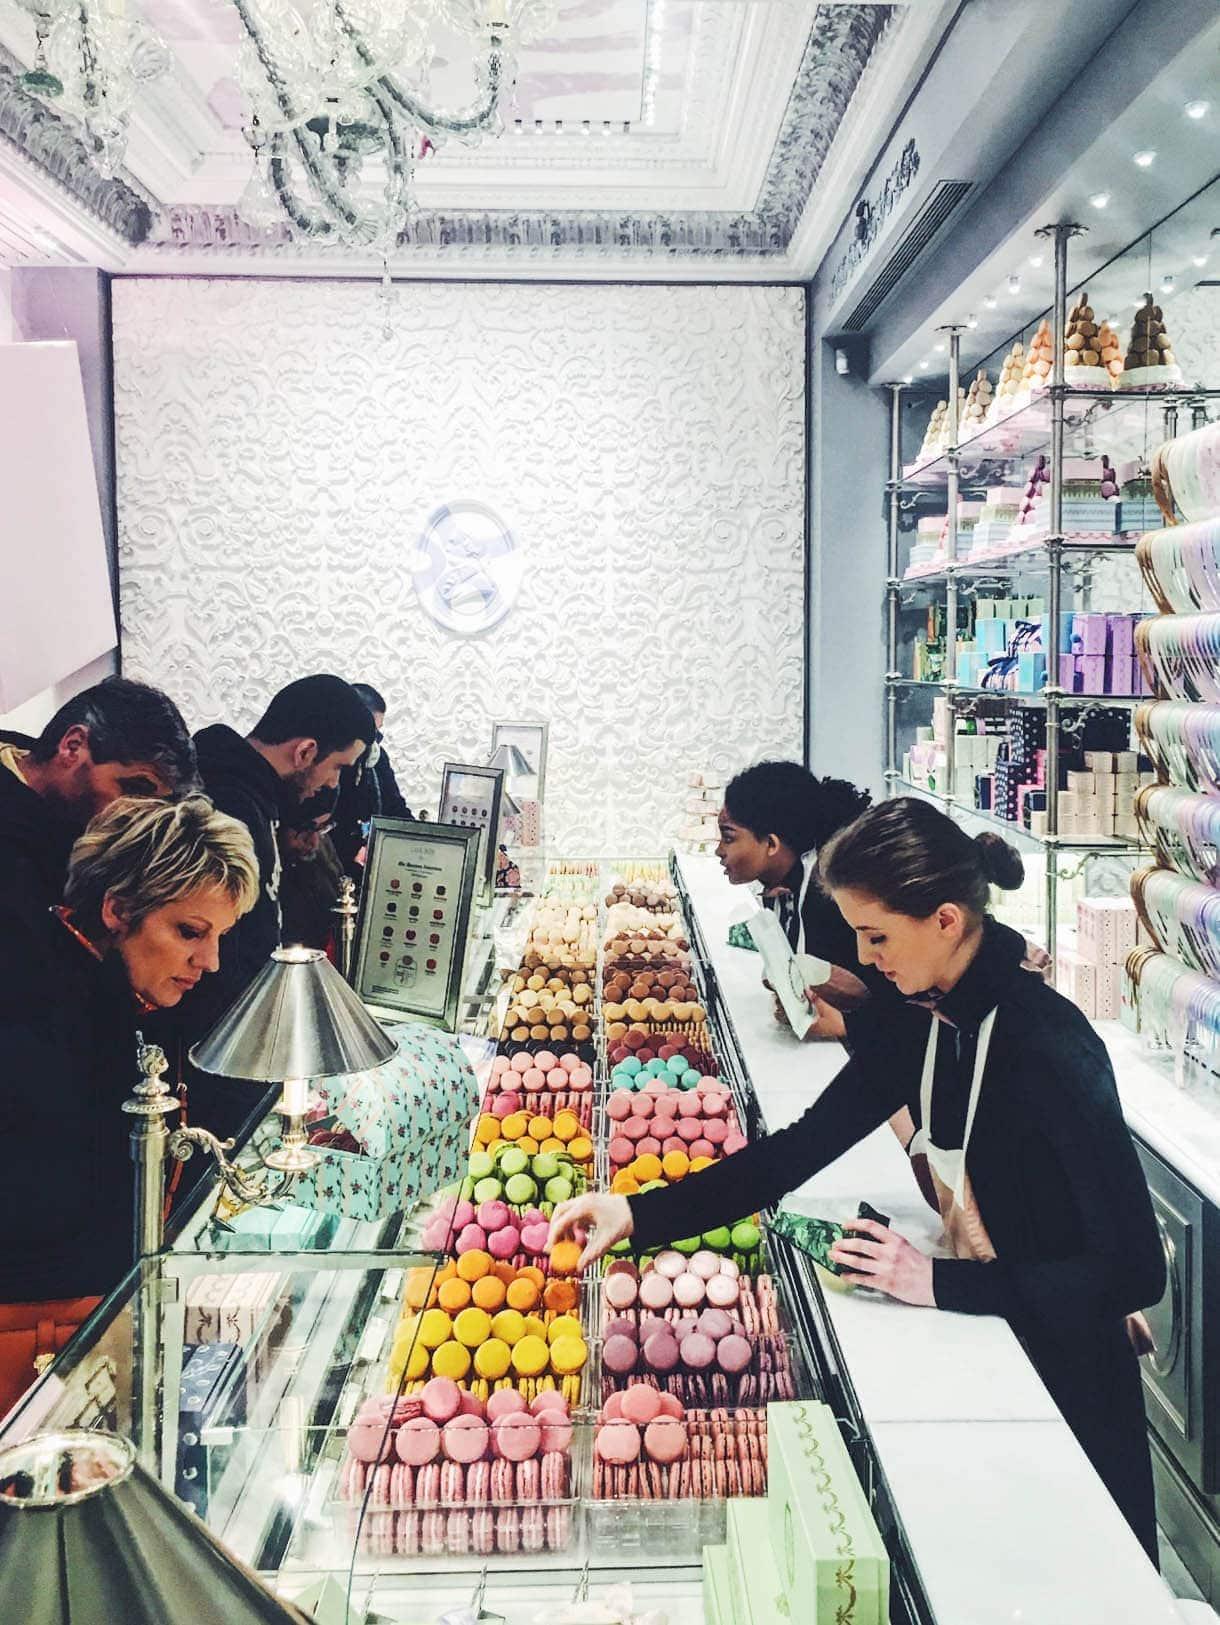 Ladurée Macarons - Paris shop